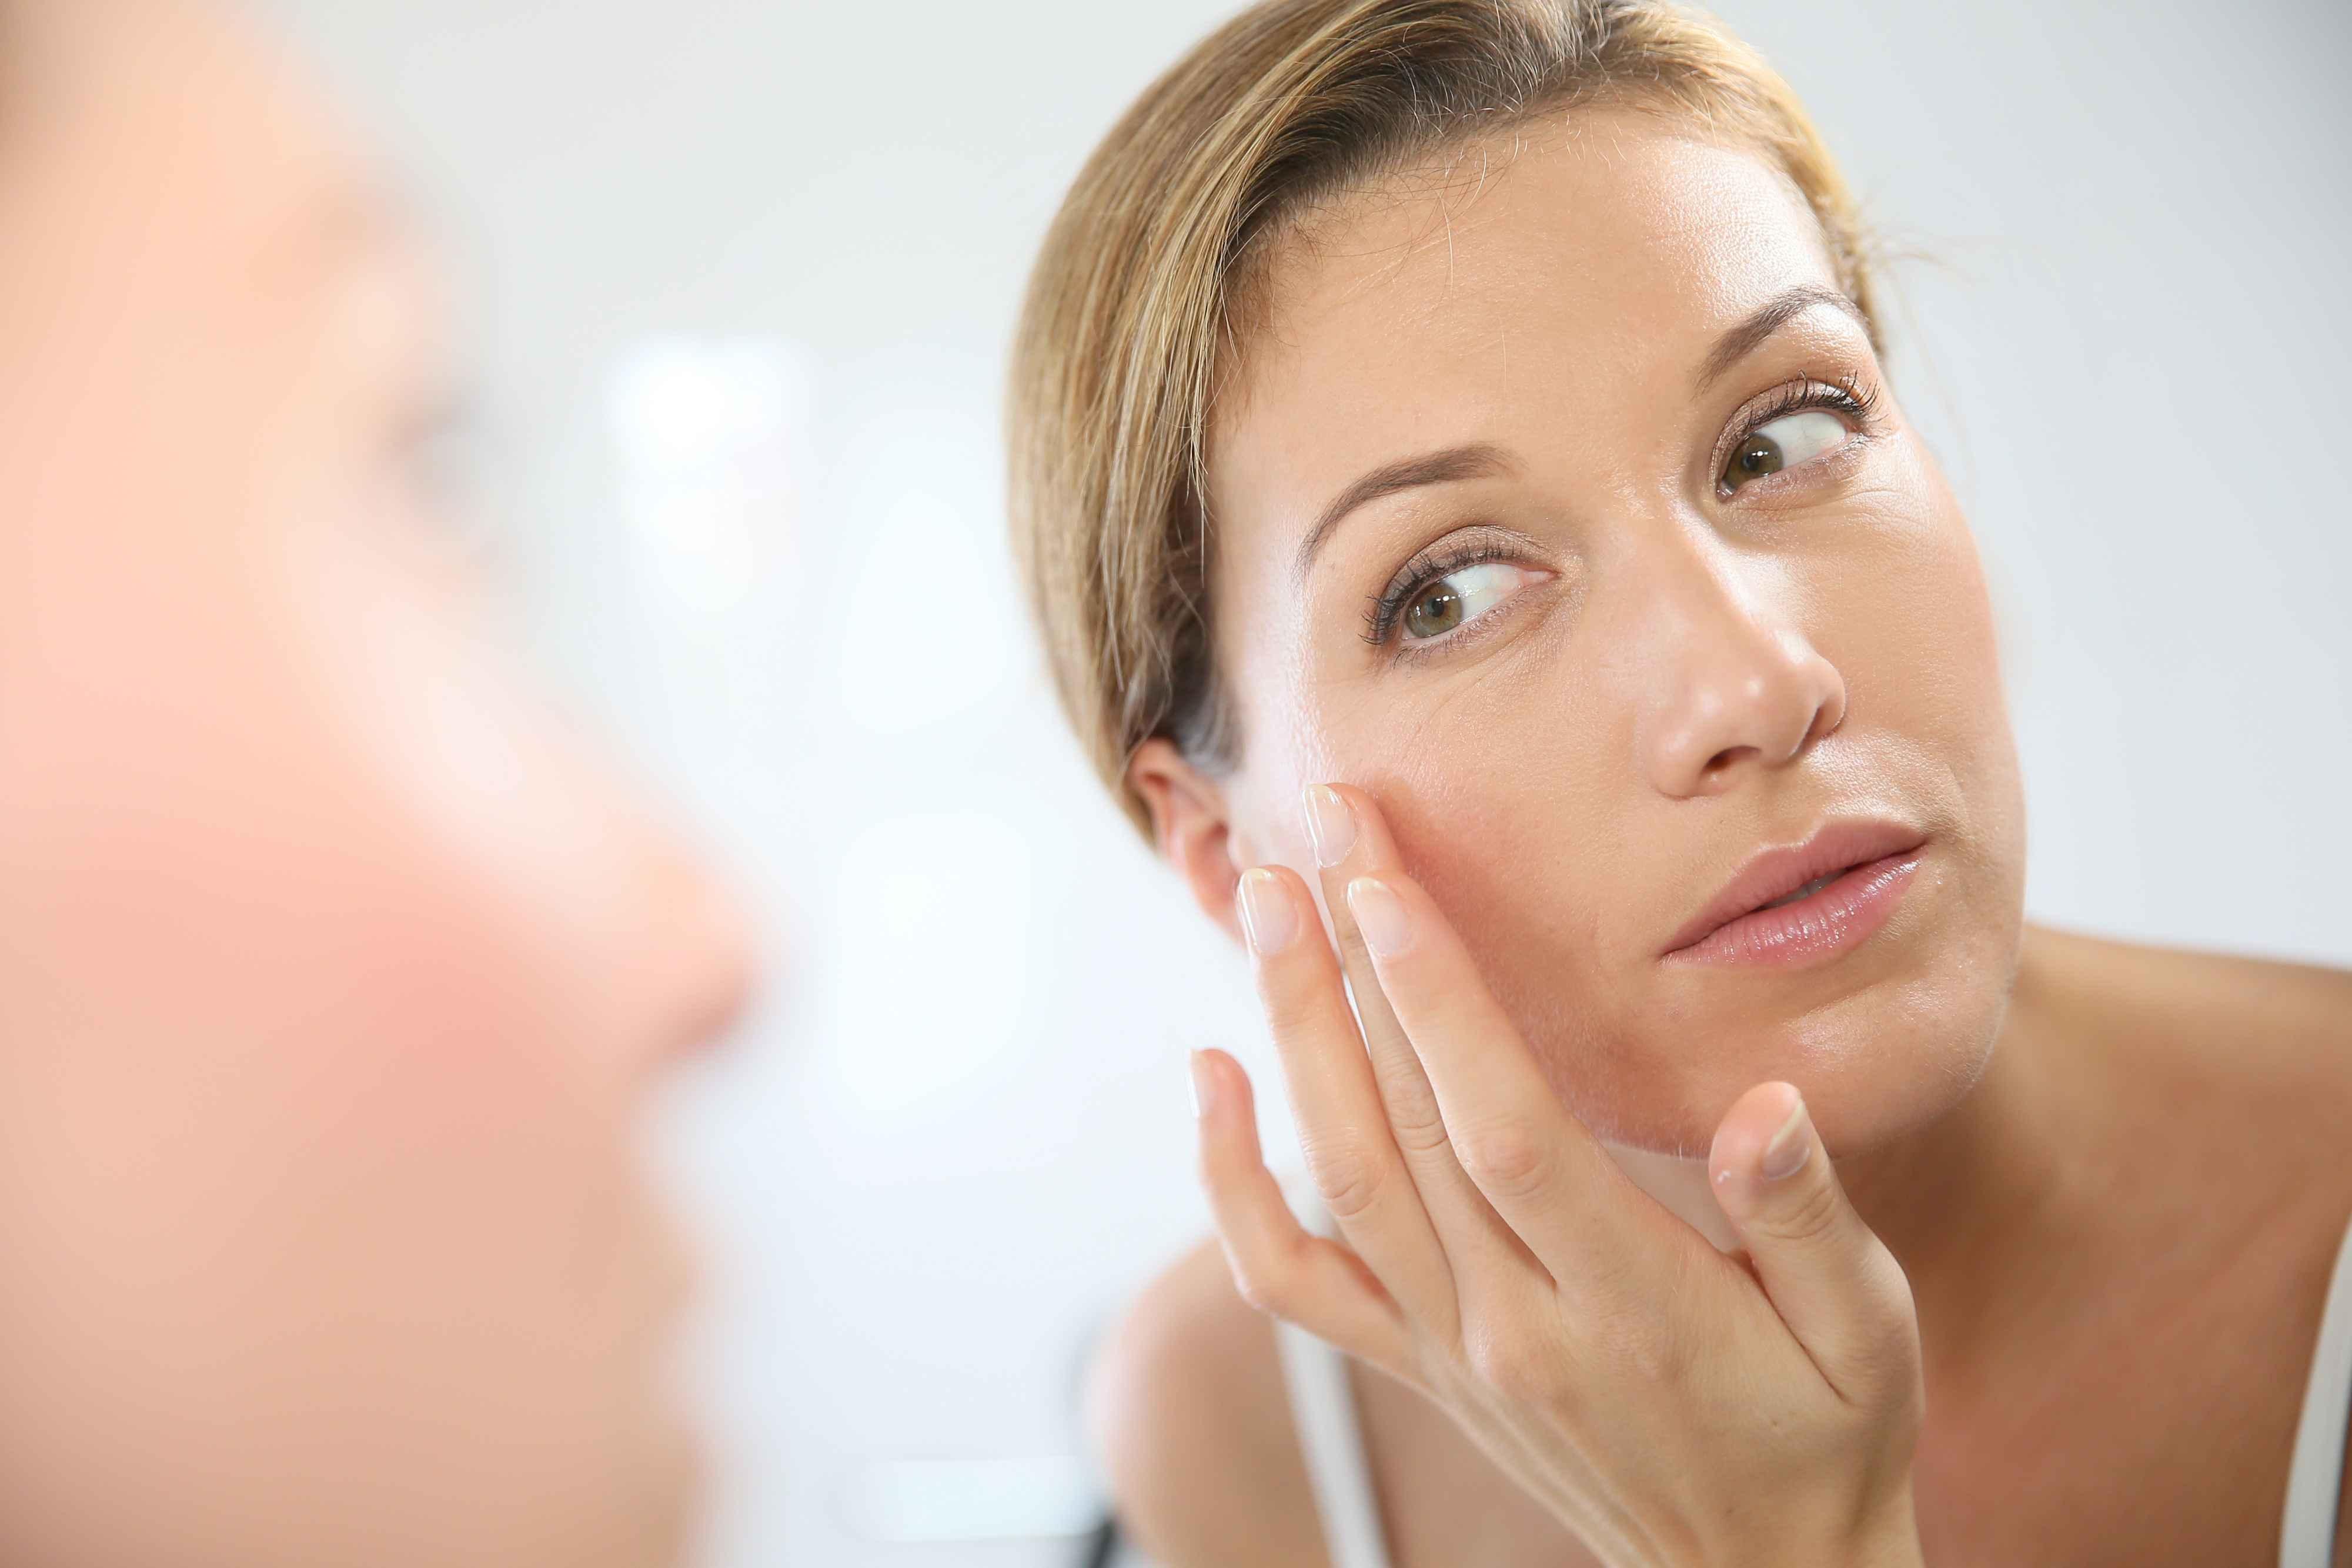 Έχω ευαίσθητο δέρμα, μπορώ να χρησιμοποιήσω ρετινόλη;